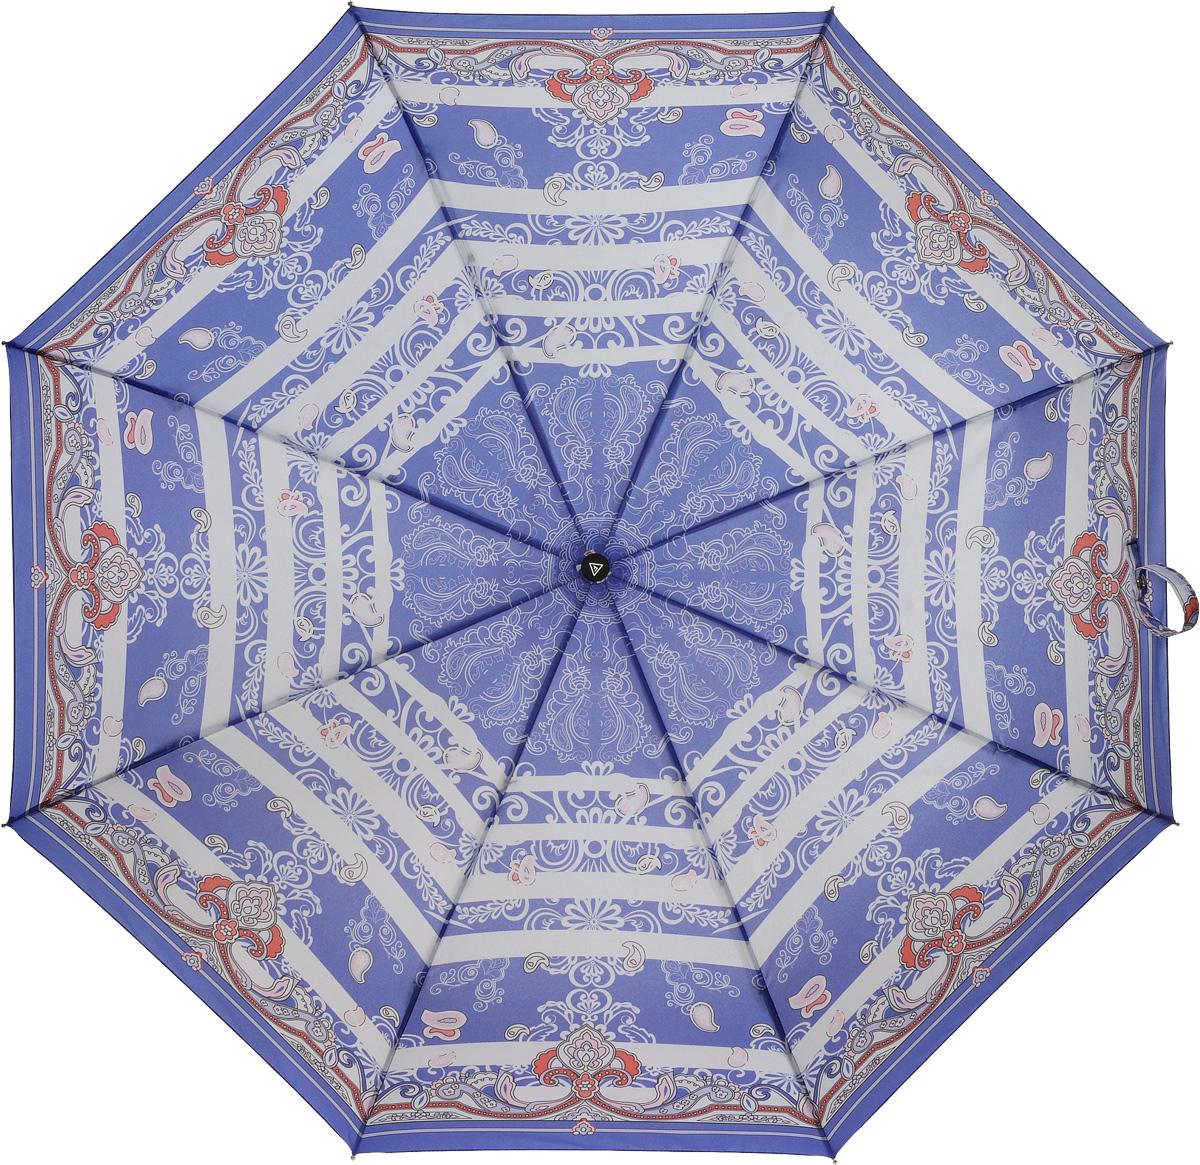 Зонт женский Fabretti, автомат, 3 сложения . L-16101-2L-16101-2Зонт женский Fabretti, облегченный суперавтомат, 3 сложения.Зонт с узором Дамаск в голубом цвете пользуется большим спросом у любителей классики.